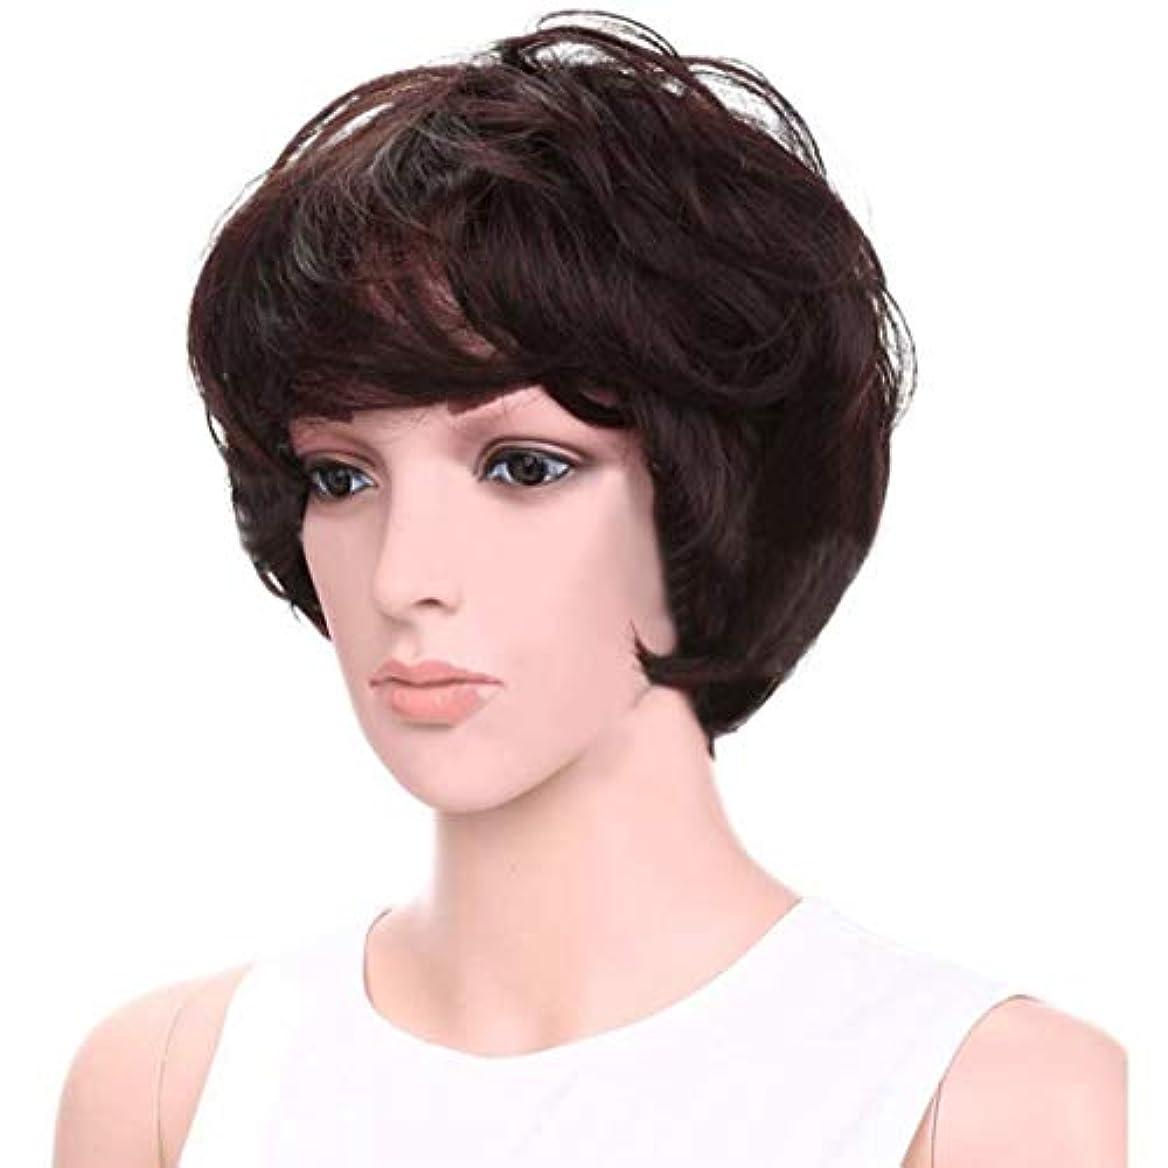 軽減メロドラマティックルビーYOUQIU エア?フラッツ前髪髪の耐熱ウィッグでパーソナリティかつら女性のショートヘアウィッグふわふわ8インチ(ダークブラウン)かつら (色 : Dark brown)